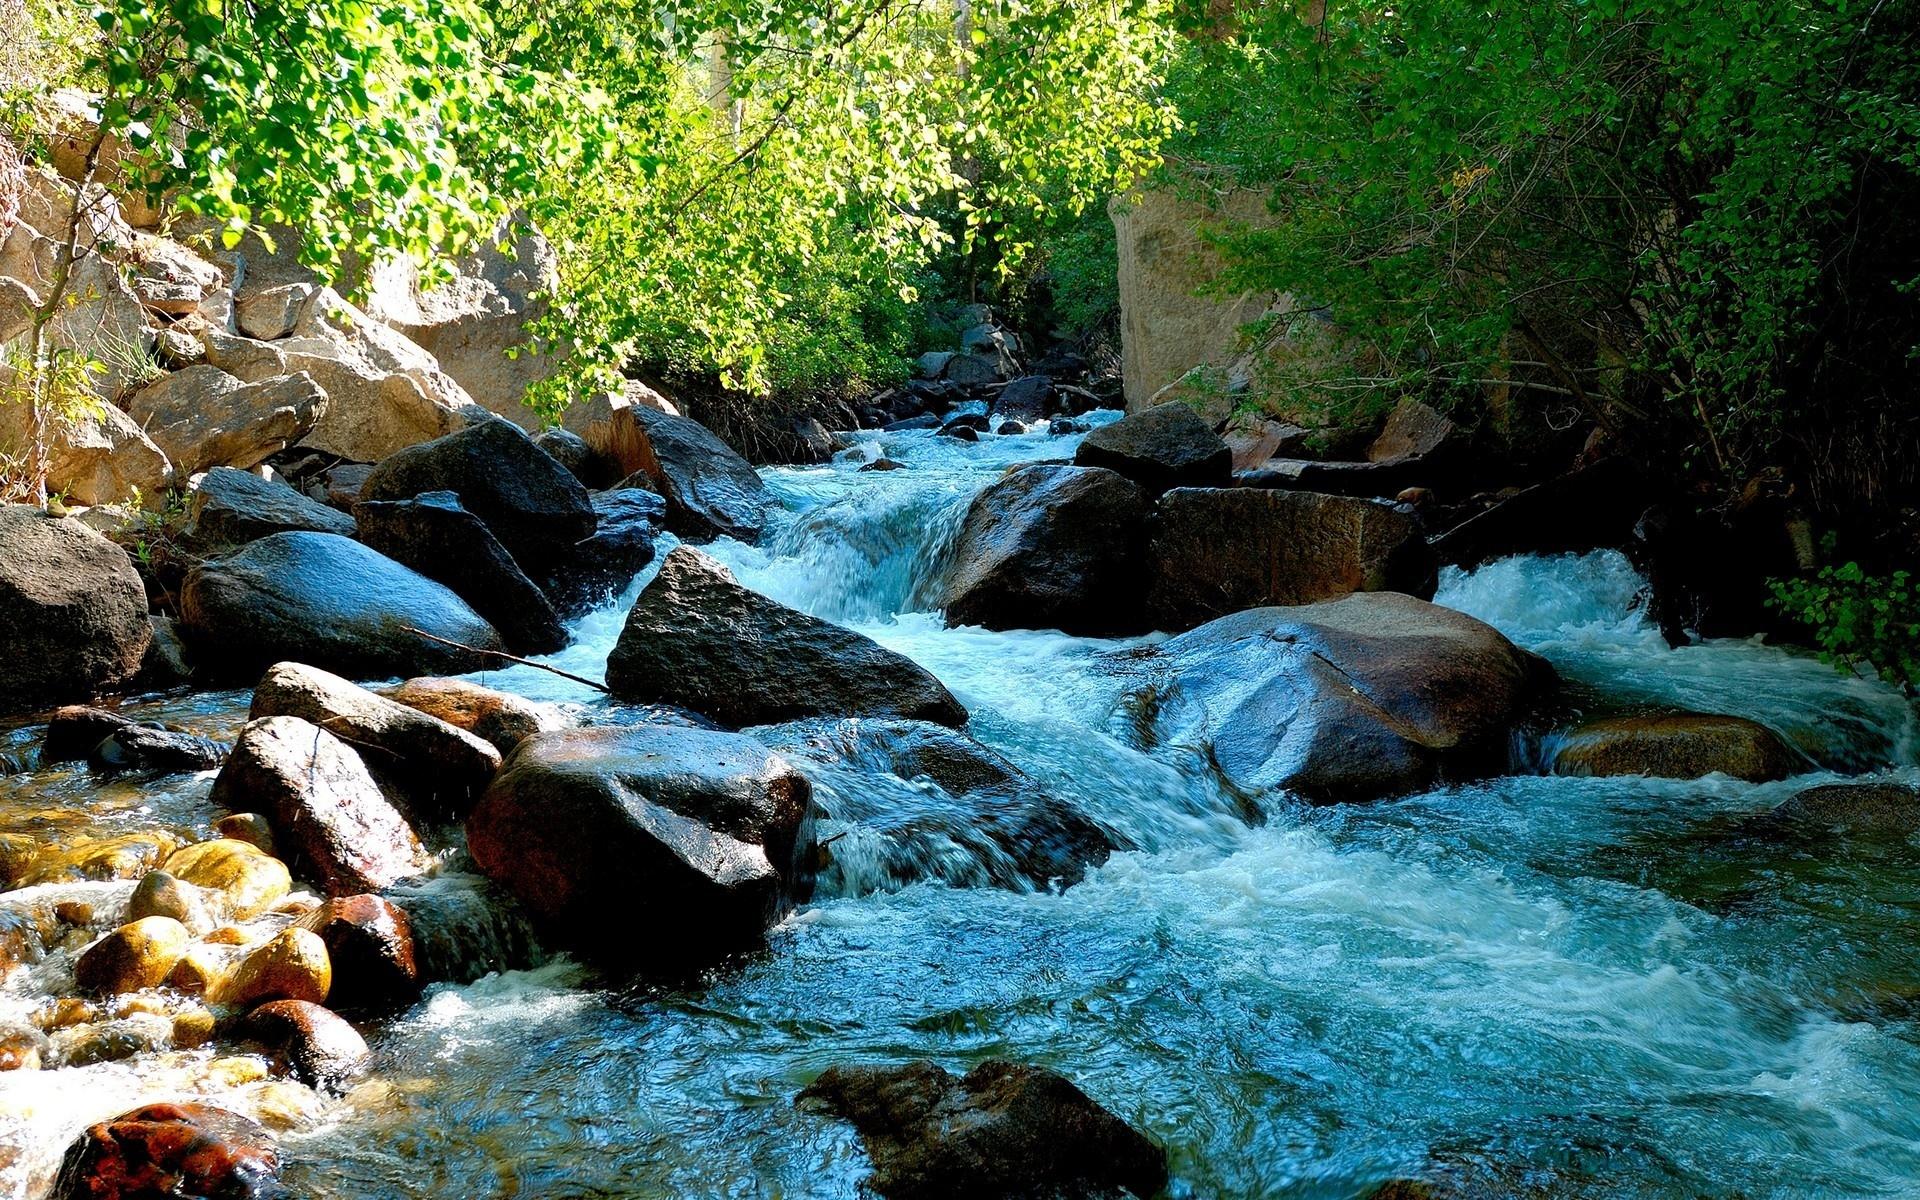 Река текущая по камням загрузить